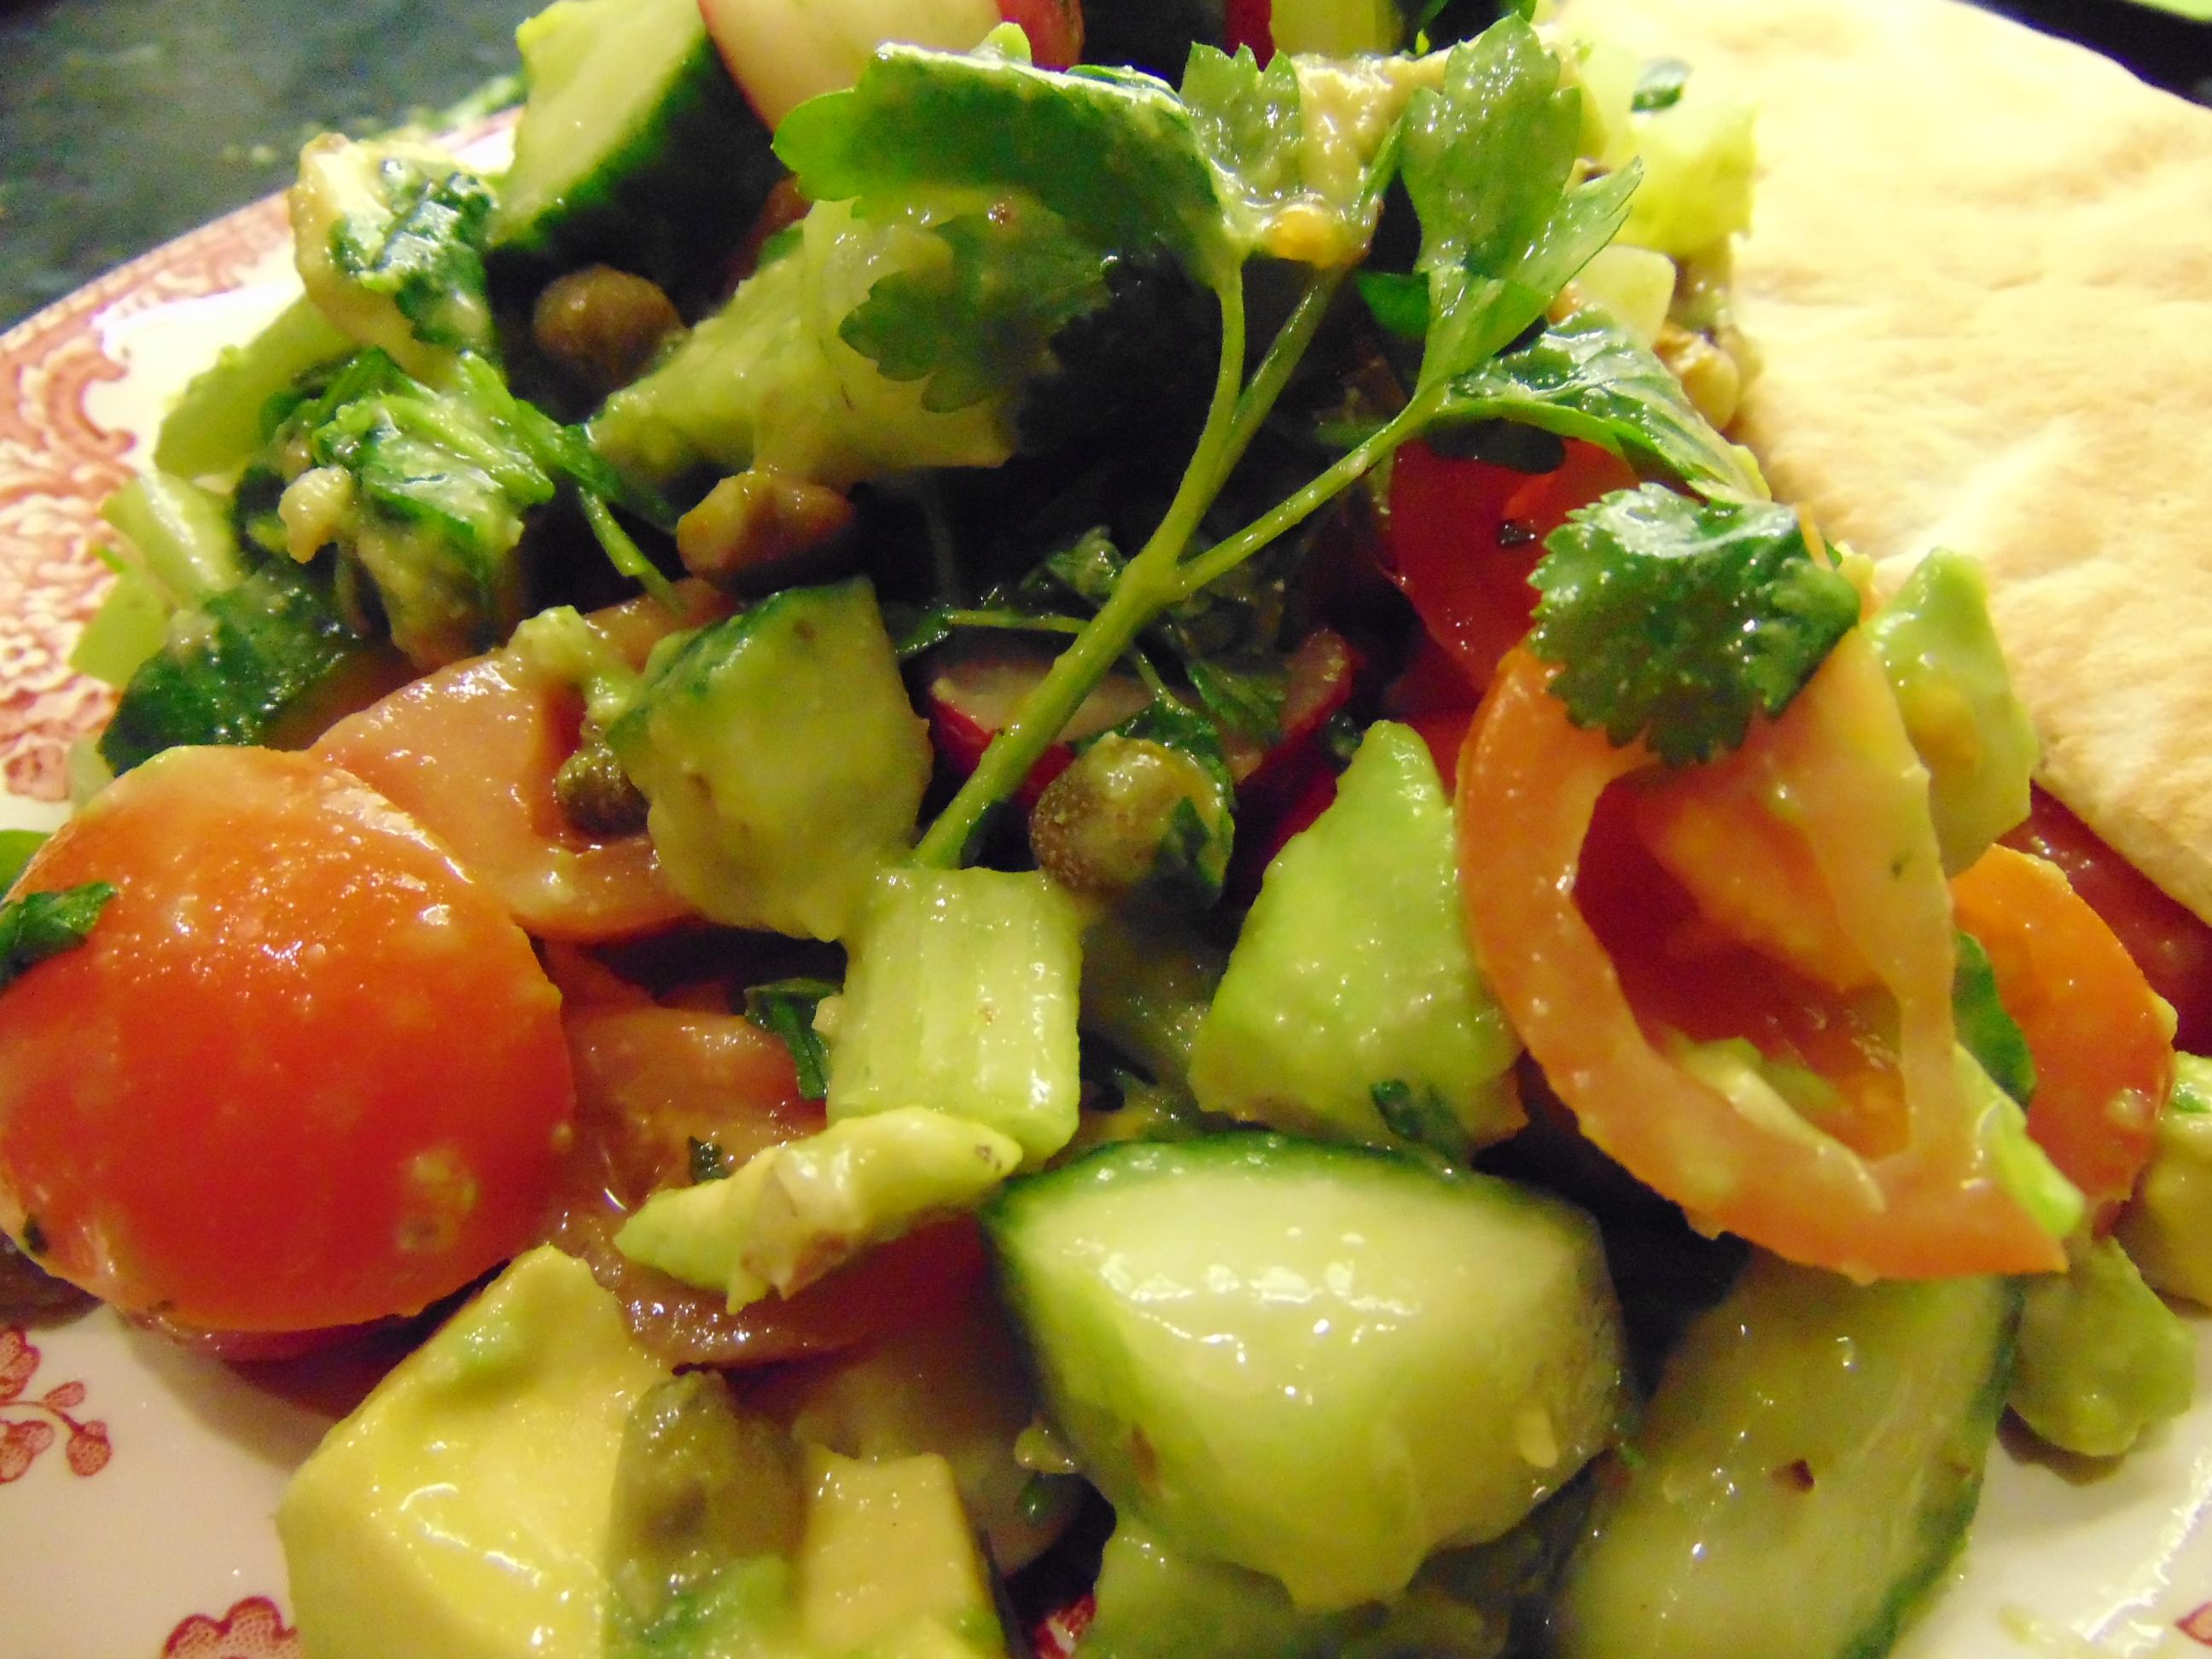 herb salad   eatwithgusto